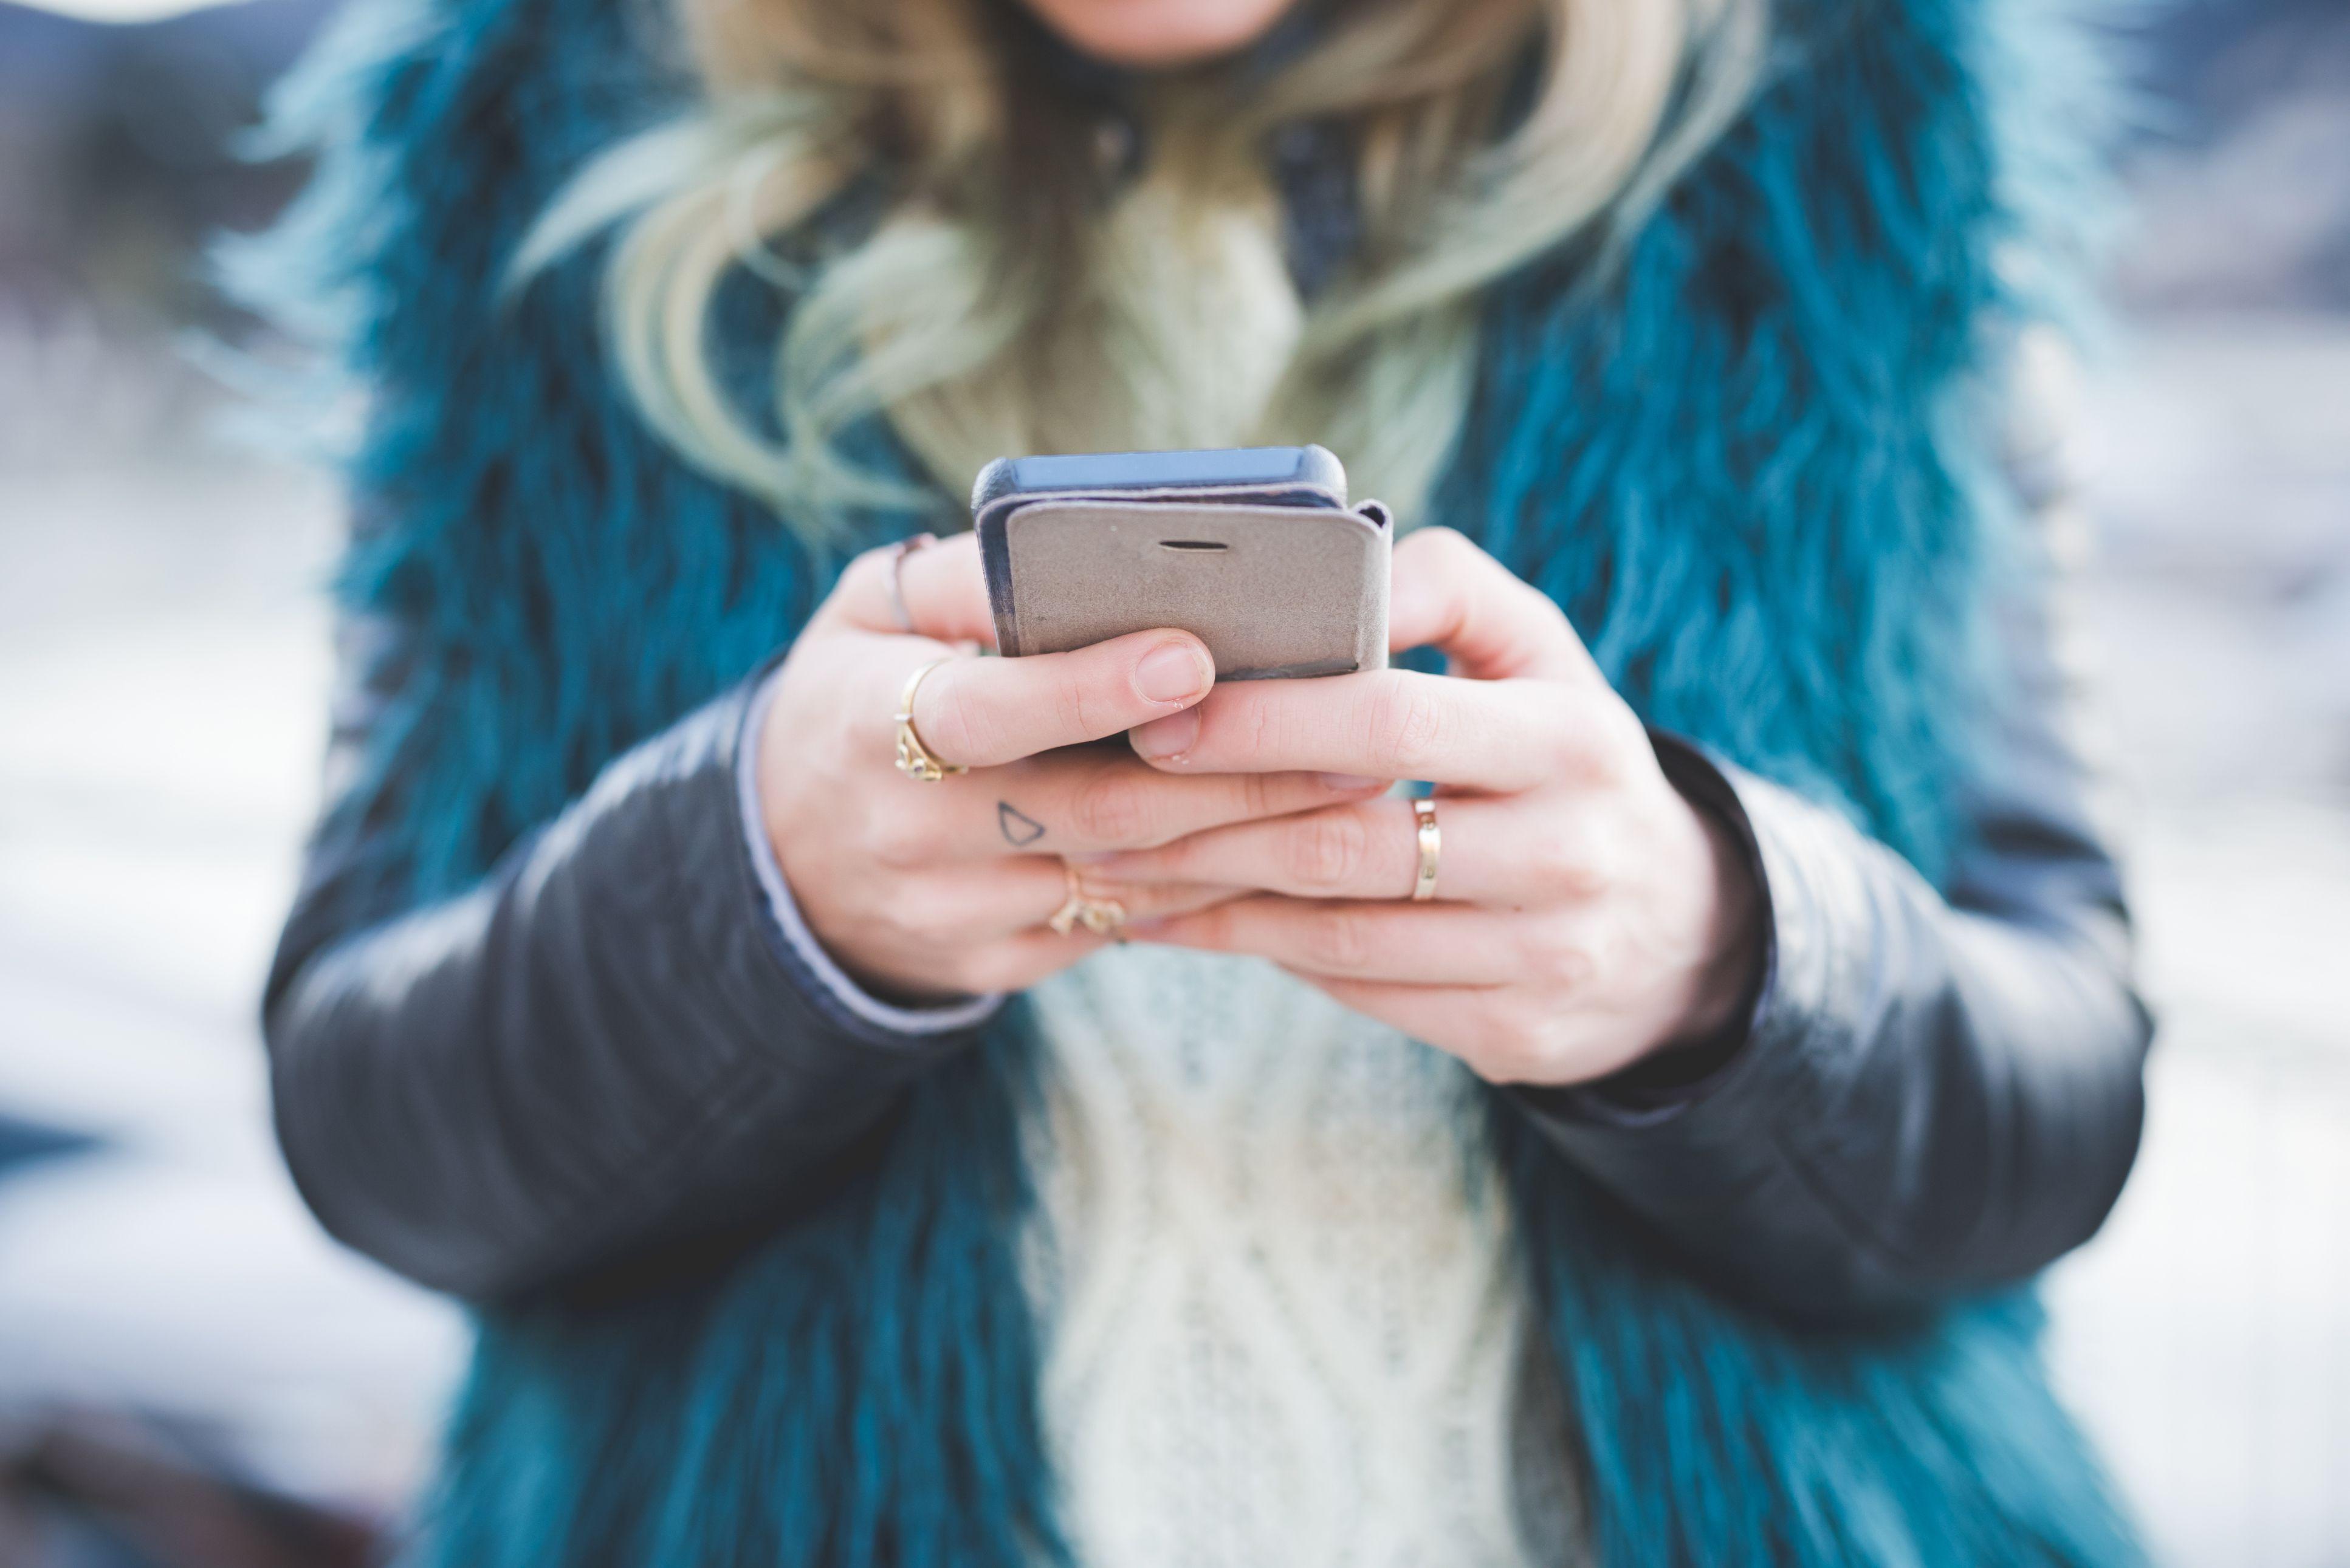 Watch Il suo sexting style ti dice che tipo di fidanzato sarà video